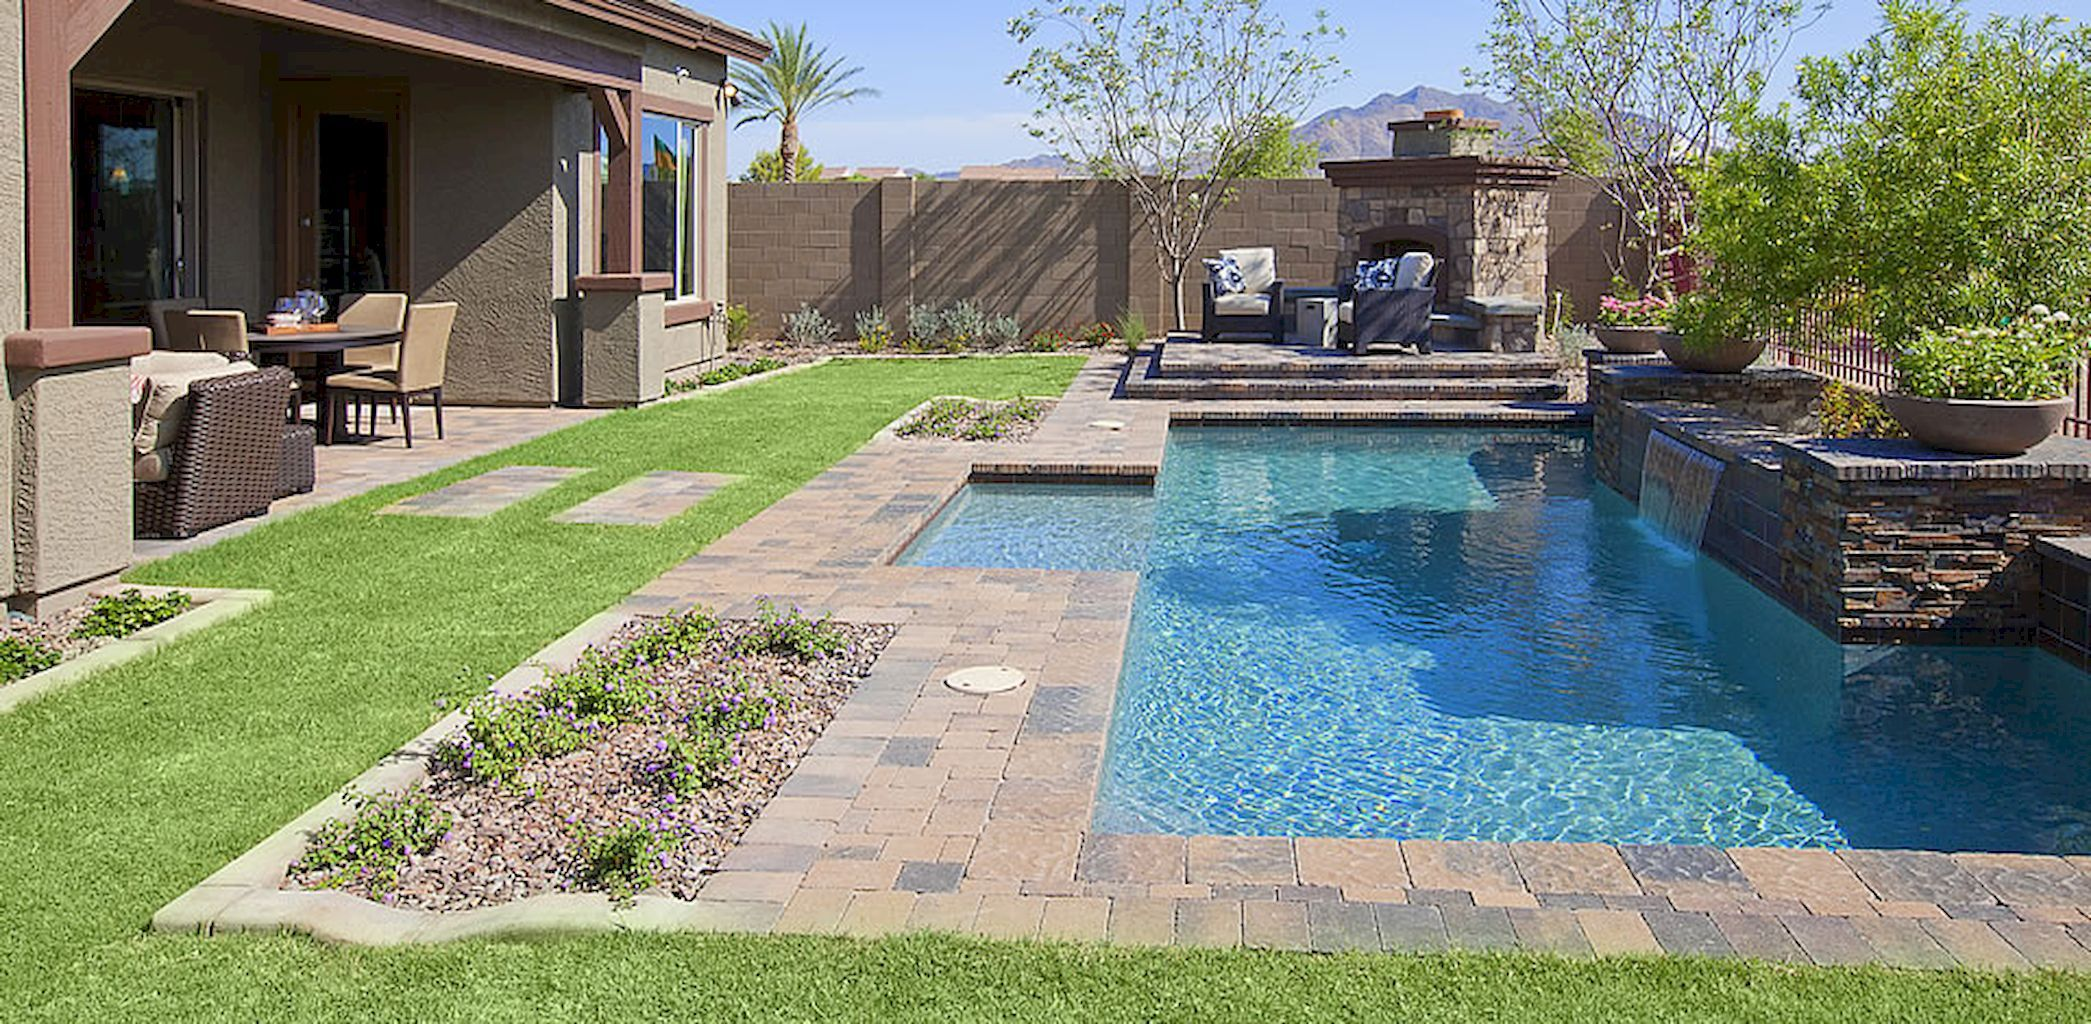 40 Beautiful Arizona Backyard Ideas On A Budget Arizona Backyard Small Backyard Pools Desert Backyard